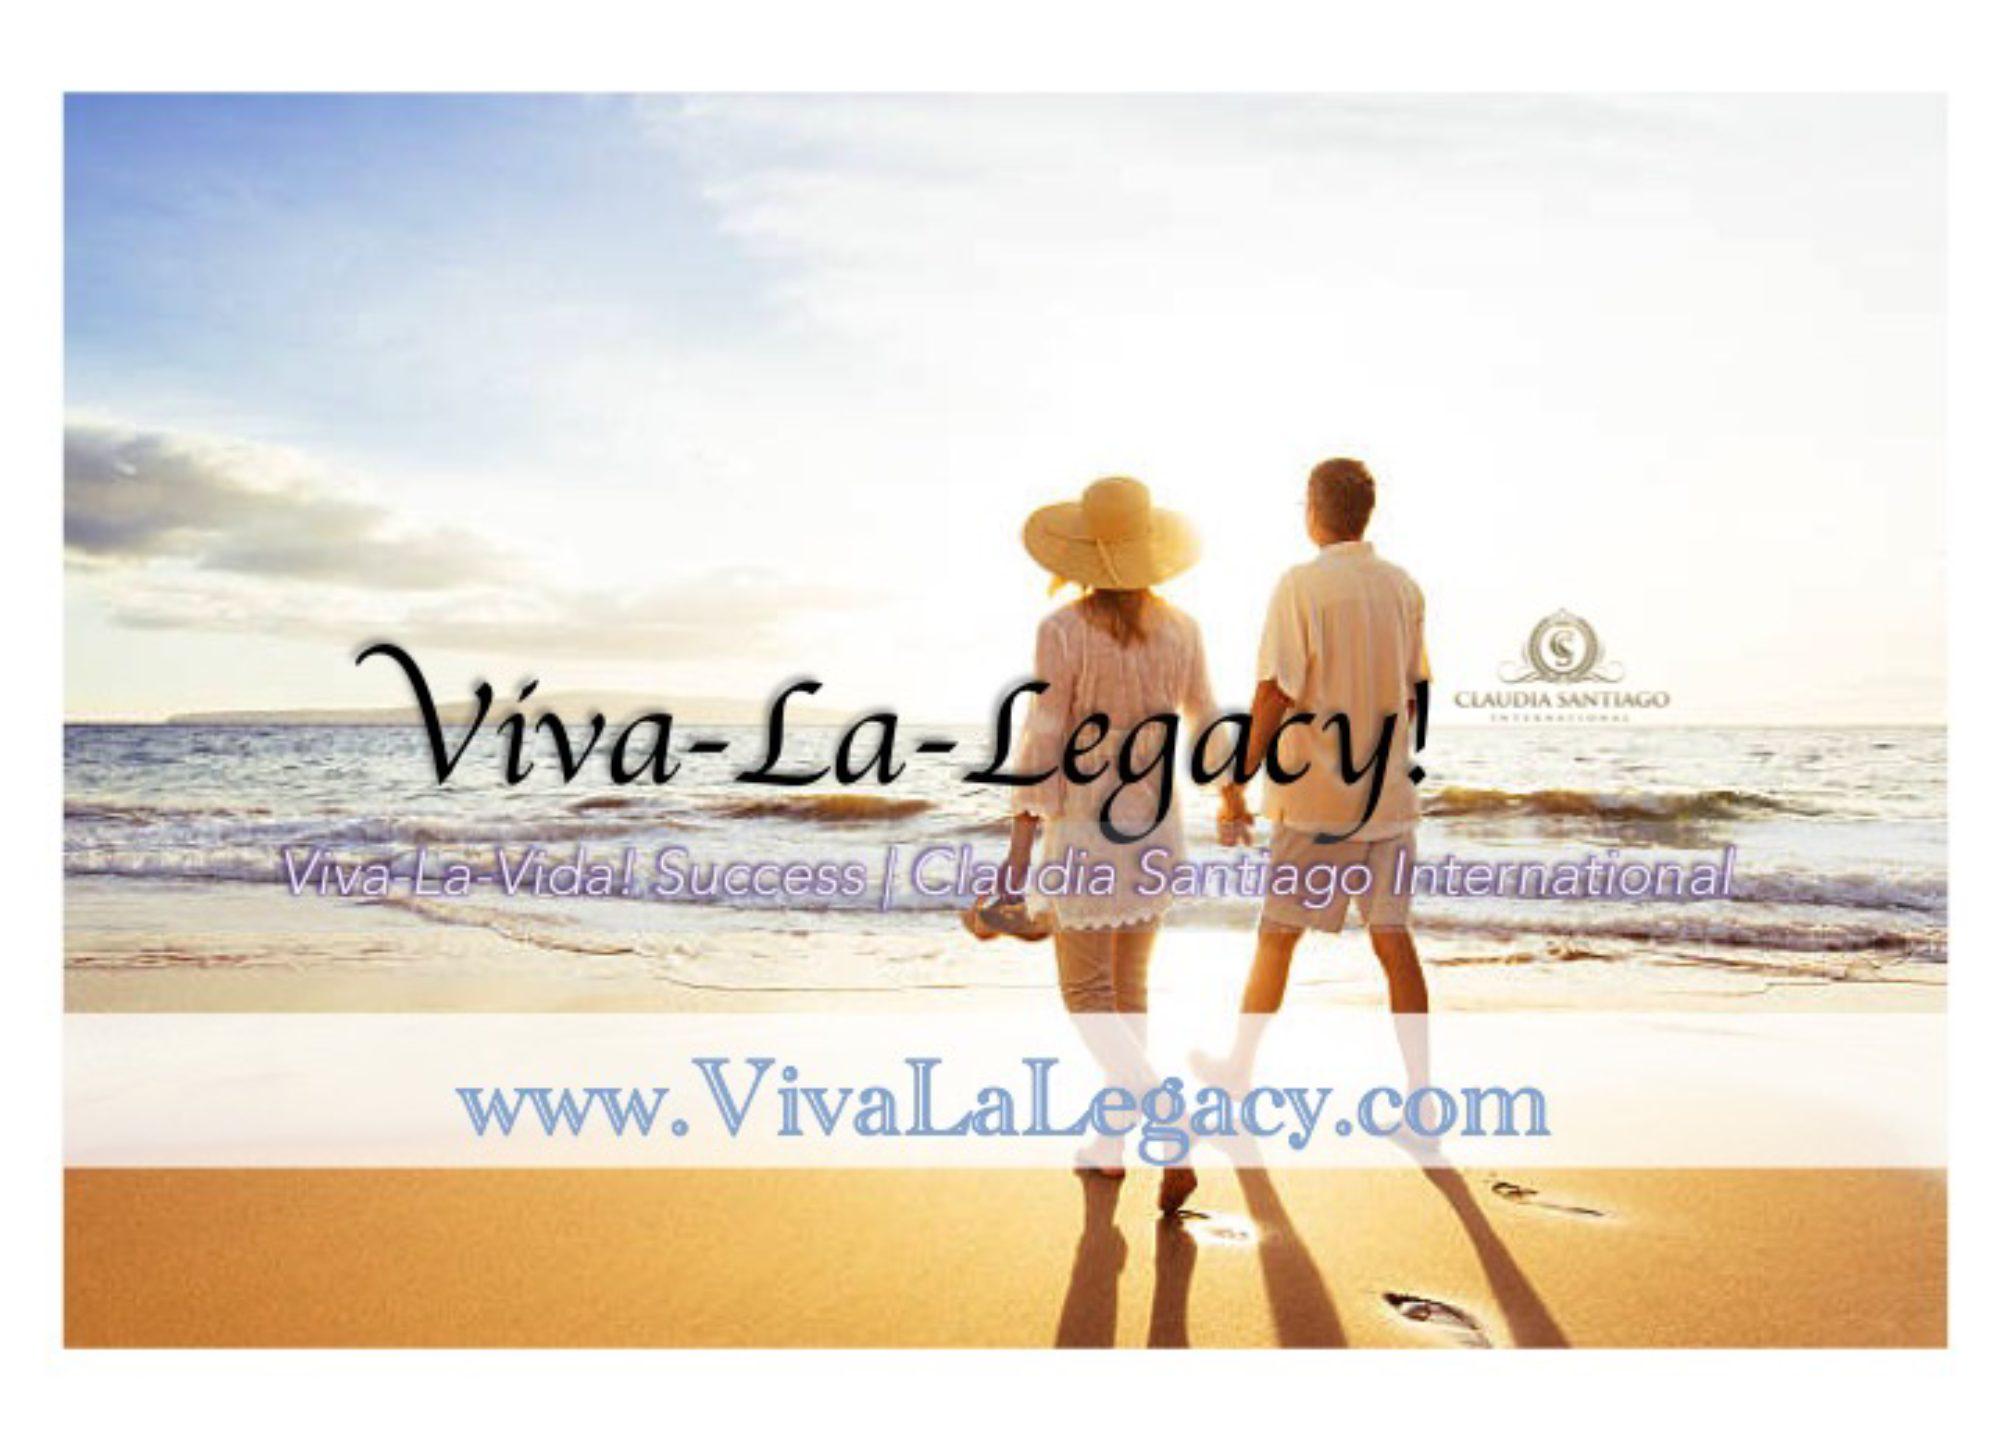 Store: VIVA-LA-LEGACY!